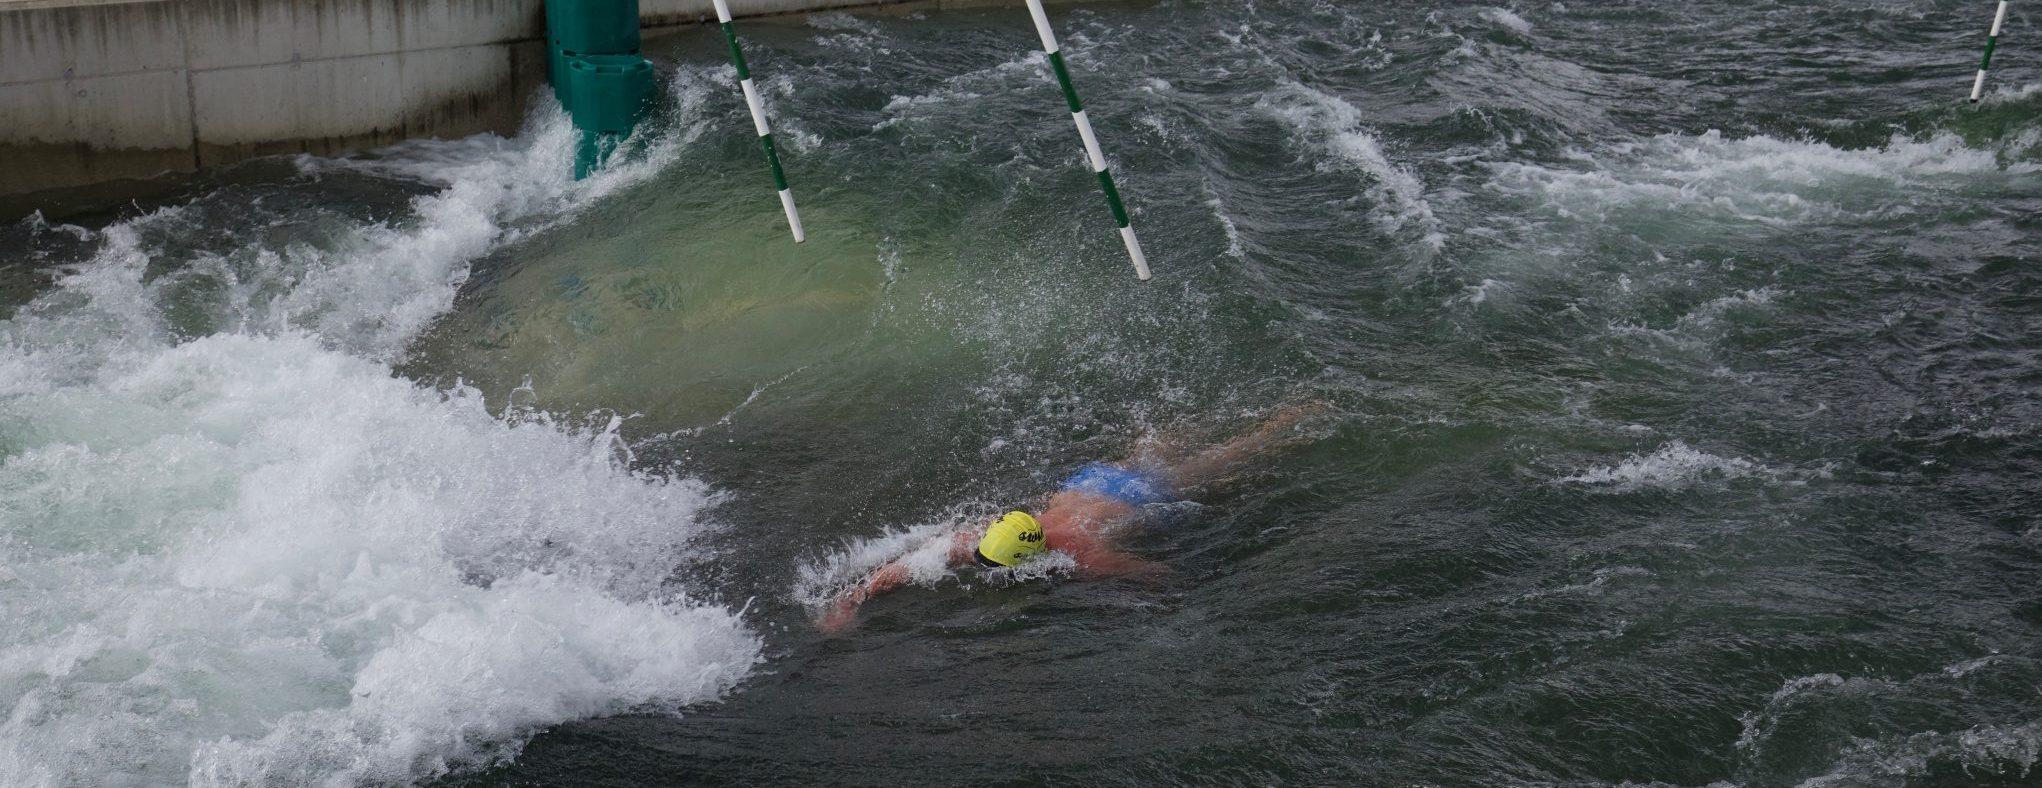 """Ob Racer, Thrill-Seeker oder Bade-Ente be""""Swim the Channel"""" kommen alle auf ihre Rechnung"""